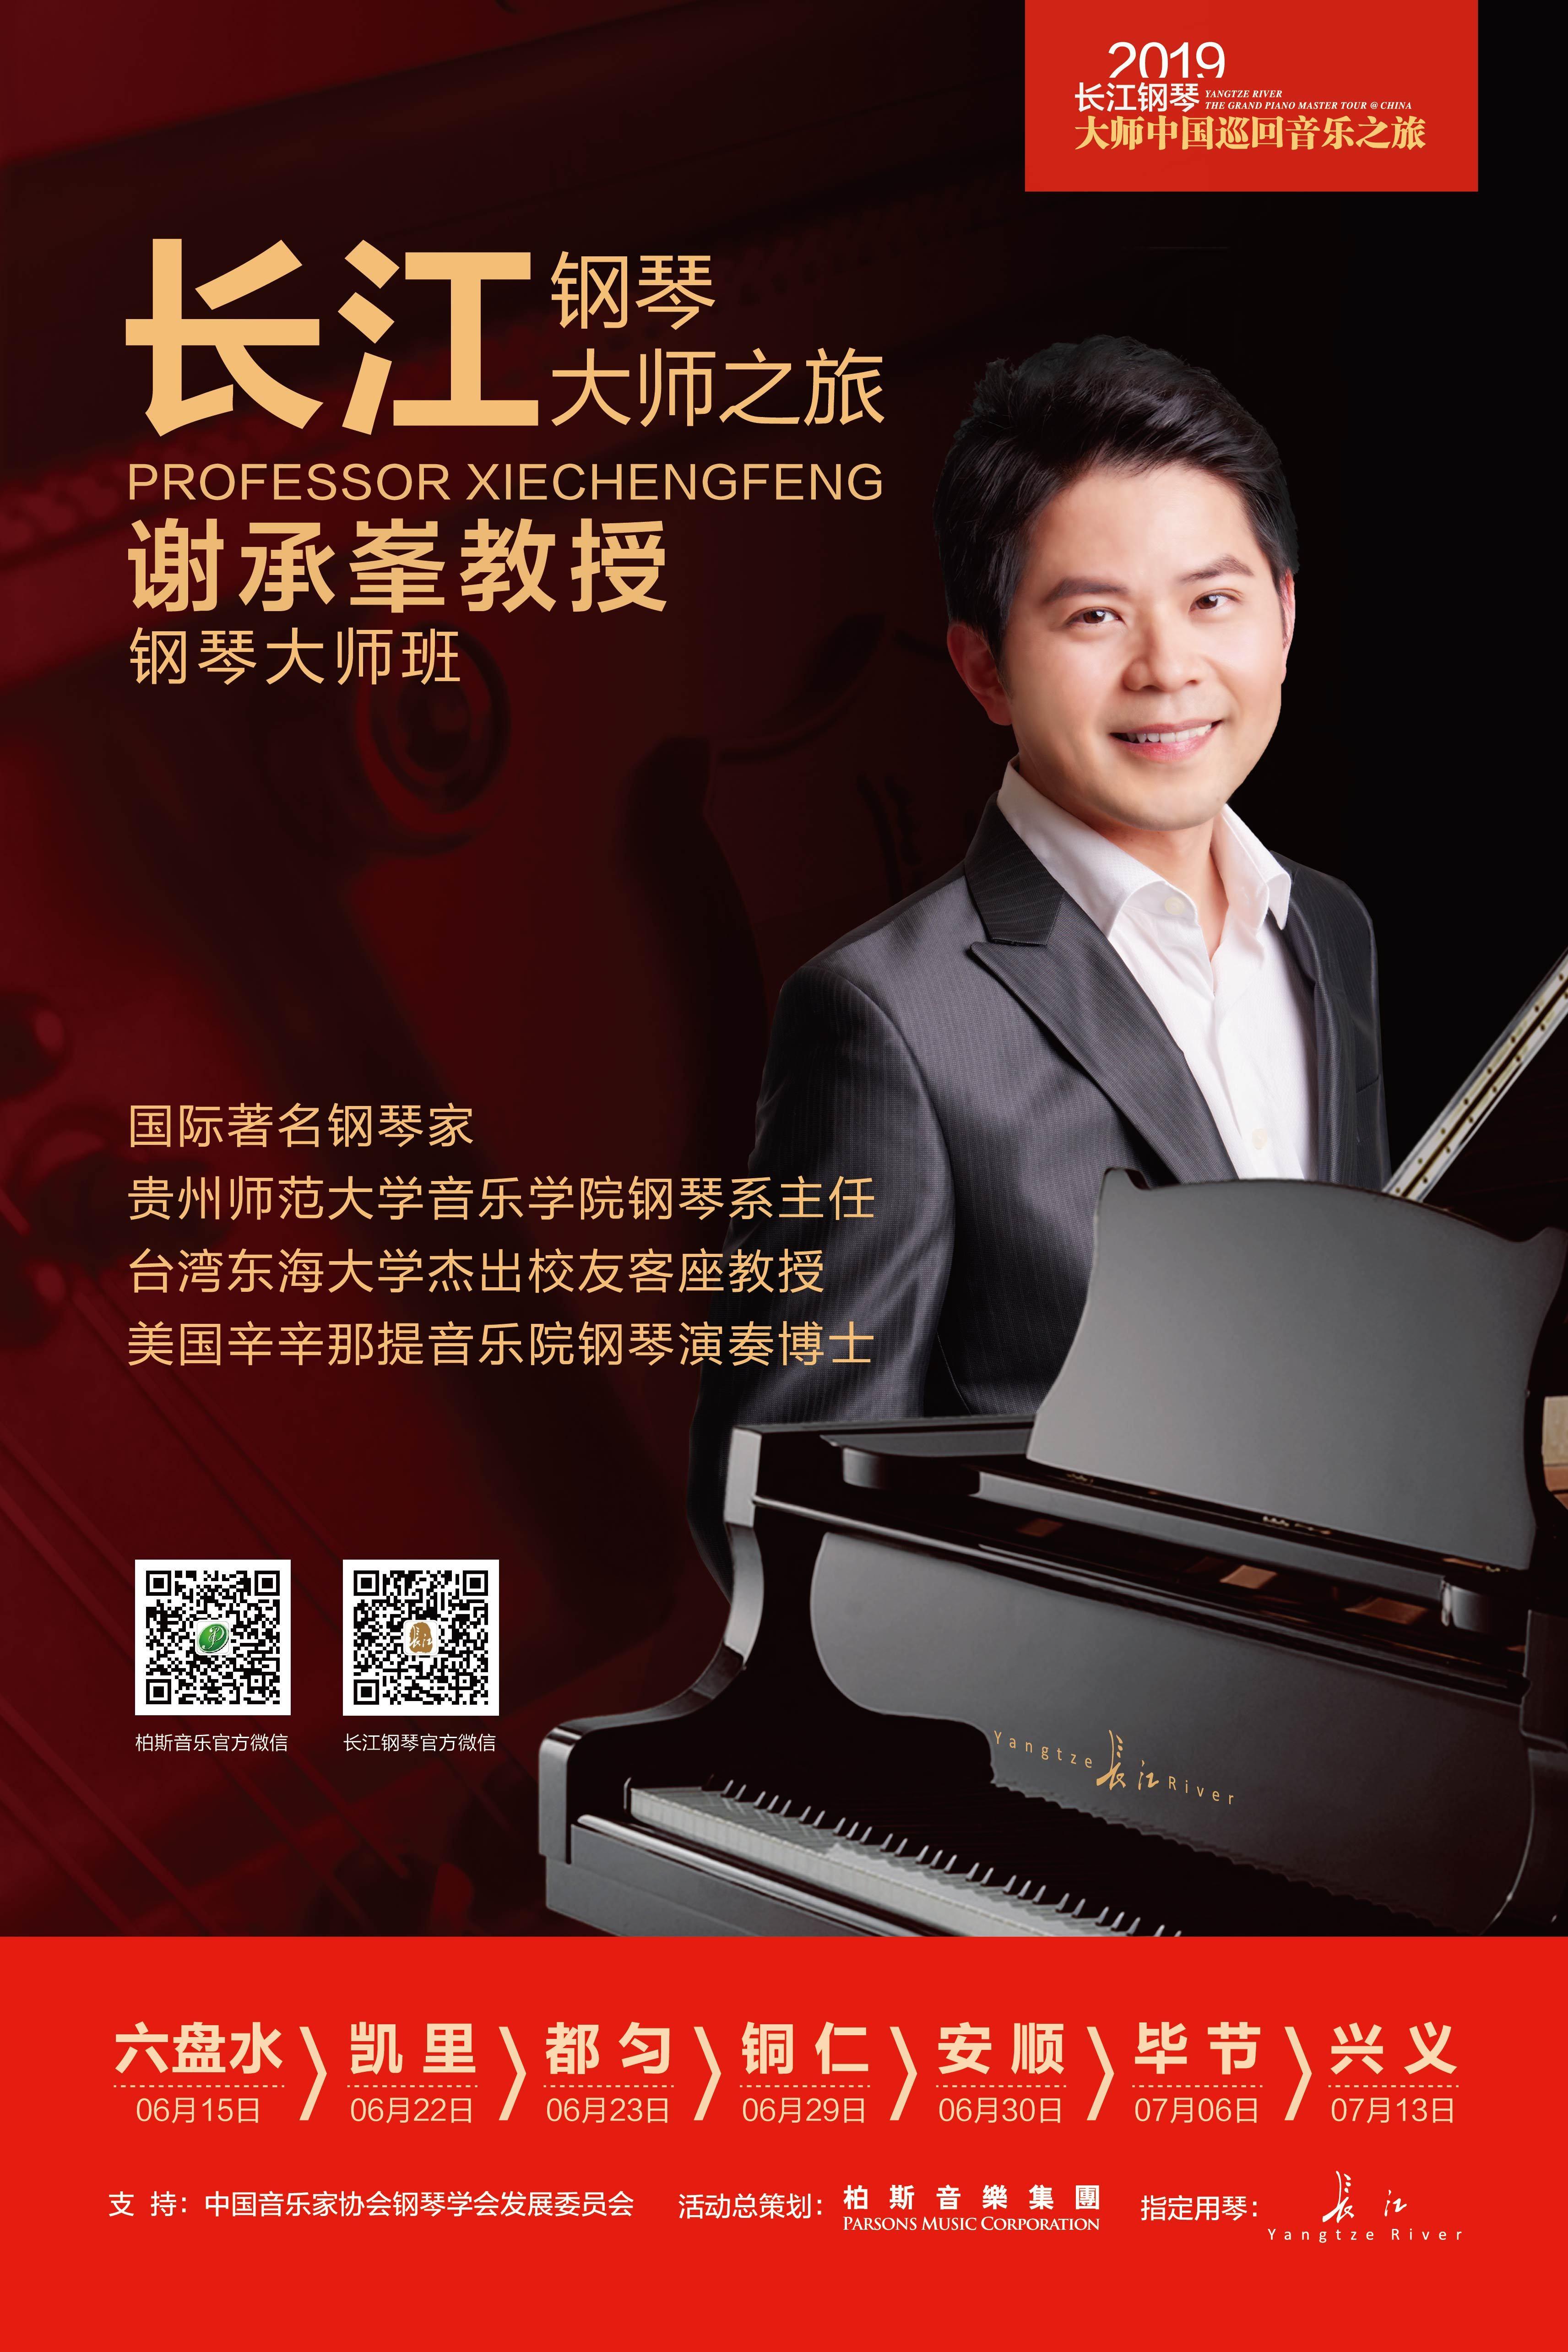 长江钢琴大师之旅谢承峯教授钢琴大师班即将开讲